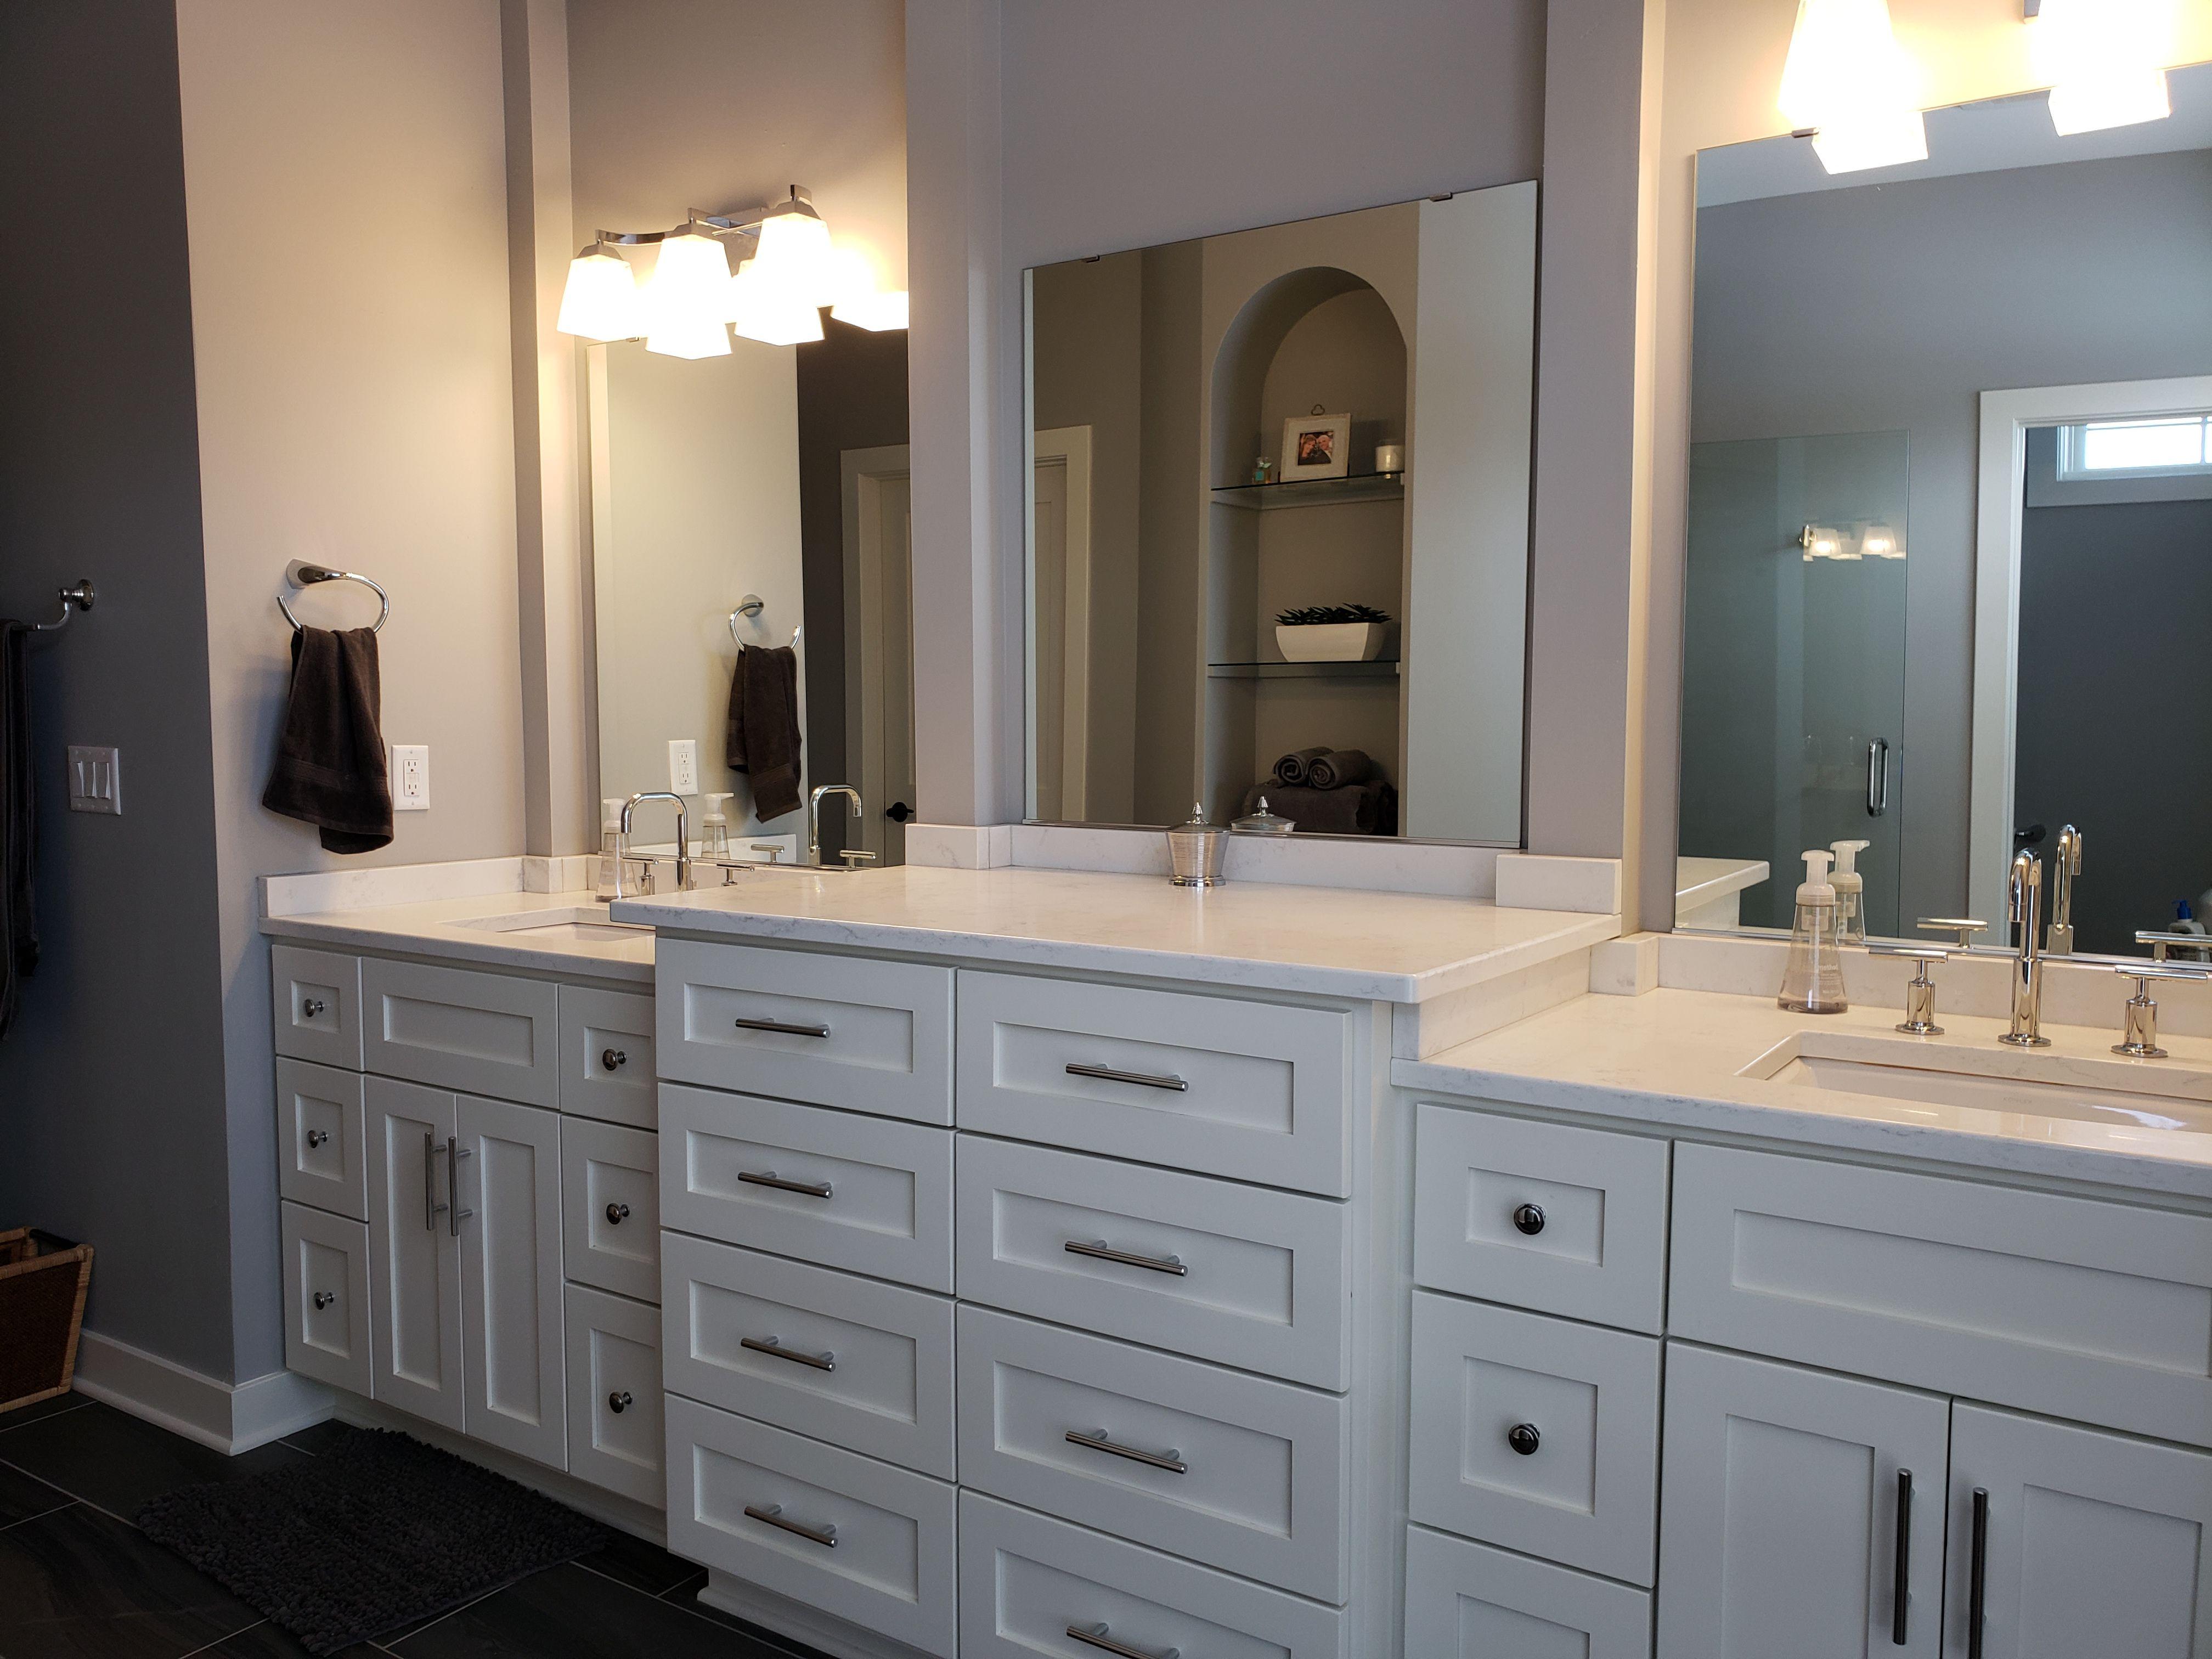 Master Bathroom Vanities Dual Vanity Shaker Style Cabinets White Cabinets Shaker Style Cabinets Master Bathroom Vanities Shaker Style [ 3024 x 4032 Pixel ]